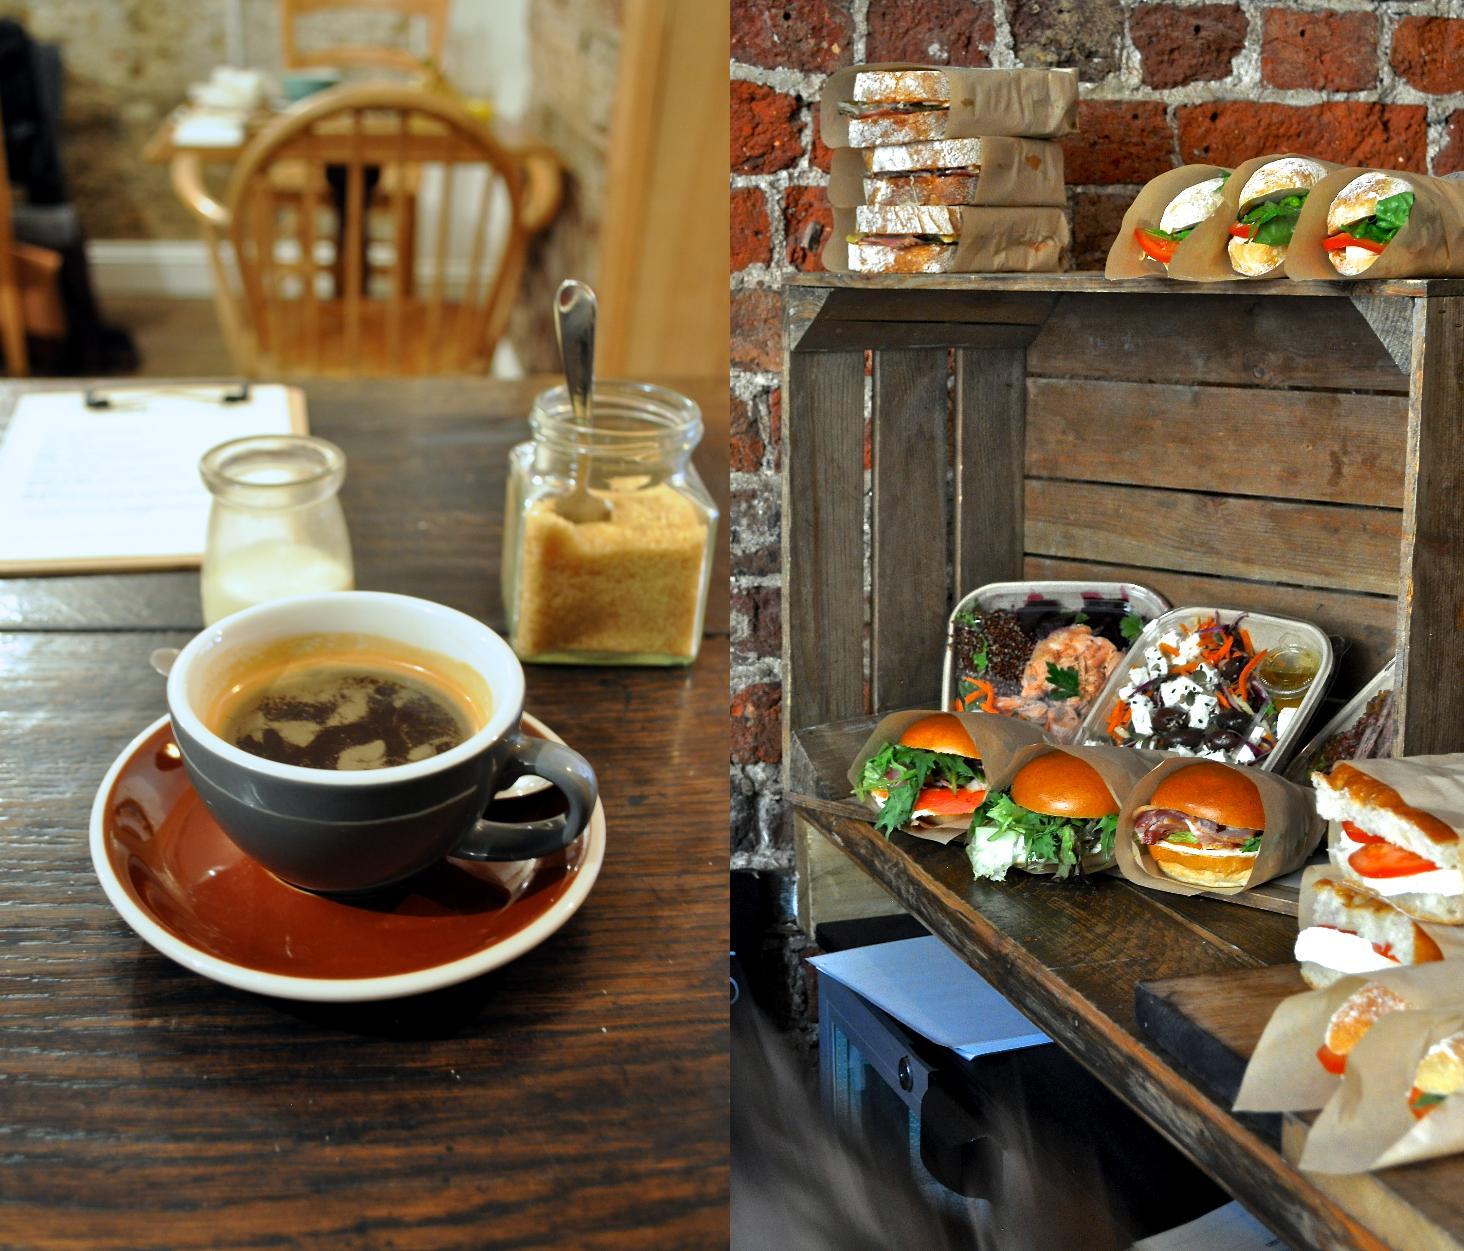 ランチ用のサンドイッチやサラダ類は、正午前にクオリティ・サプライヤーから」配達されてきます。